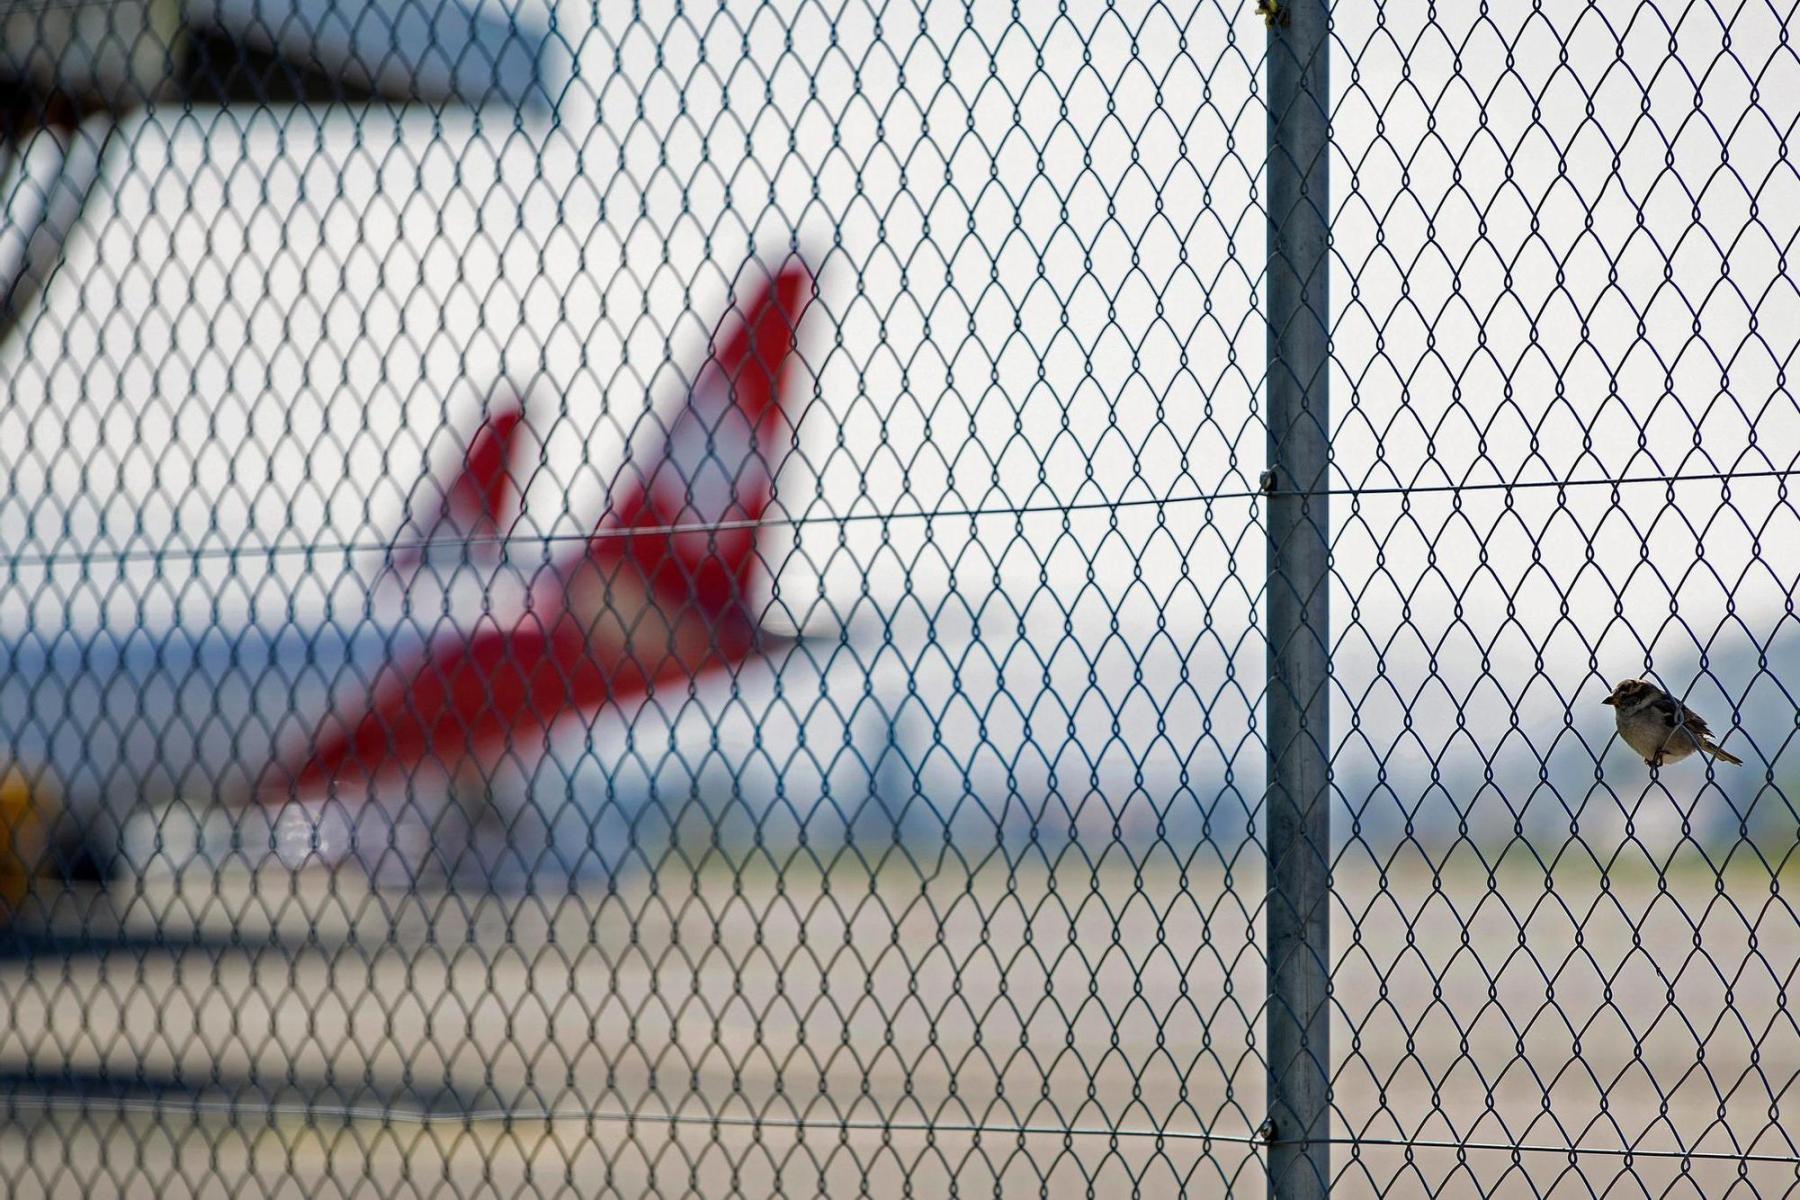 14.4.2020 in Belp. Ein Spatz sitzt auf einem Maschendrahtzaun beim Flughafen Bern. Es gab kaum noch Flugbetrieb und deshalb auch keine Kondensstreifen mehr am Himmel. Foto: Christian Pfander